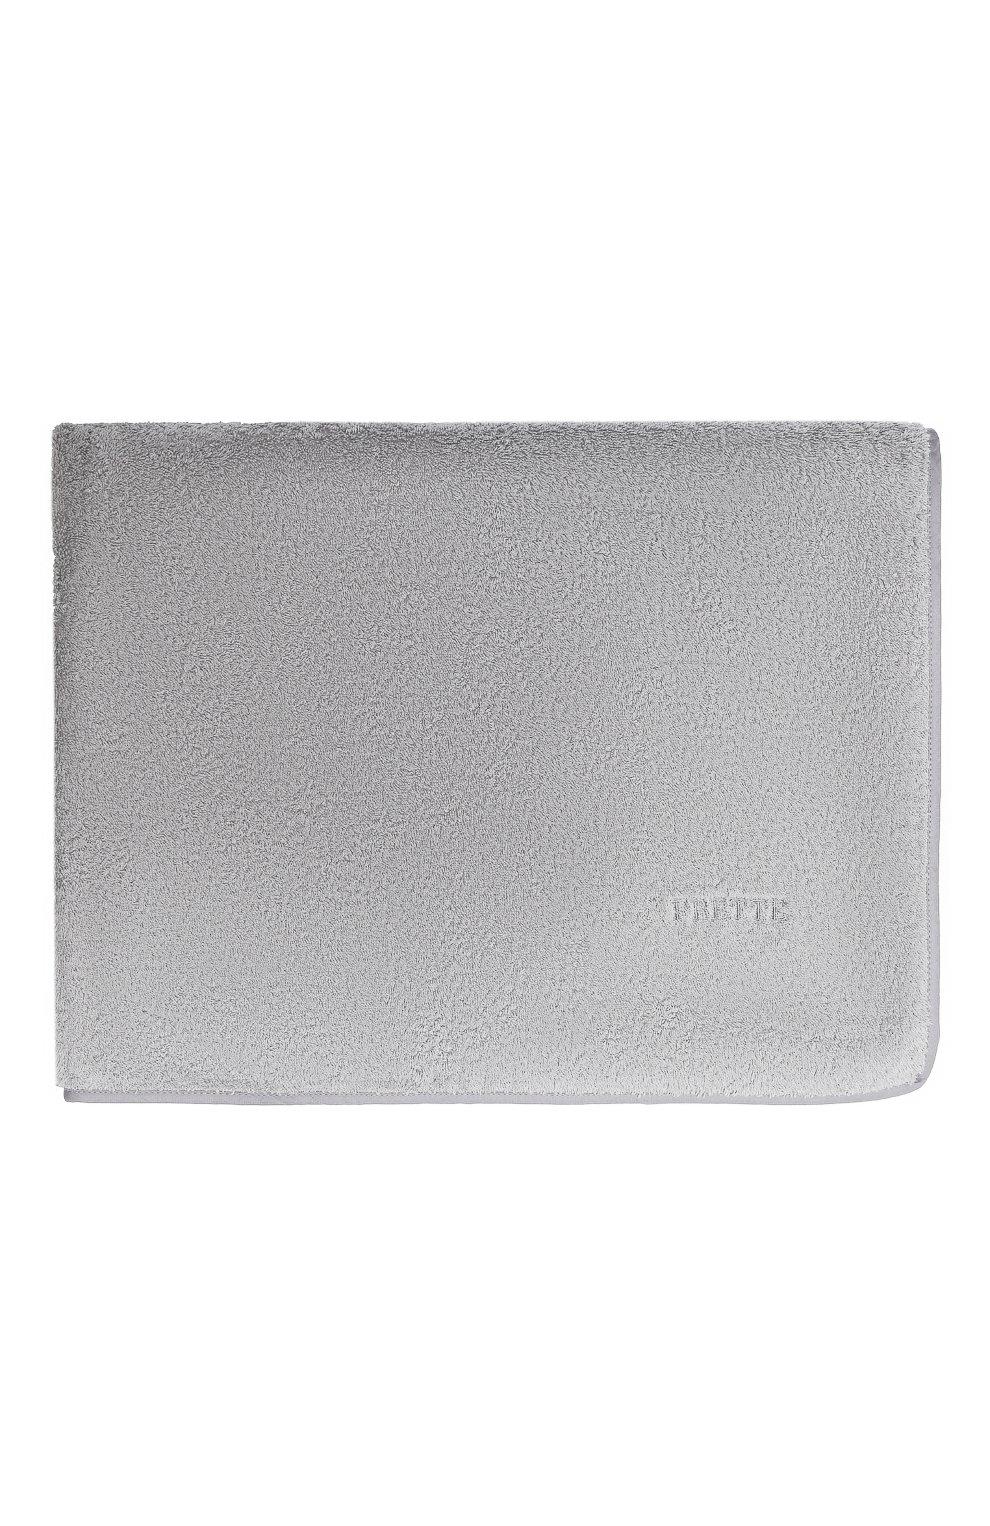 Мужского хлопковое полотенце FRETTE серого цвета, арт. FR2933 D0300 100B   Фото 1